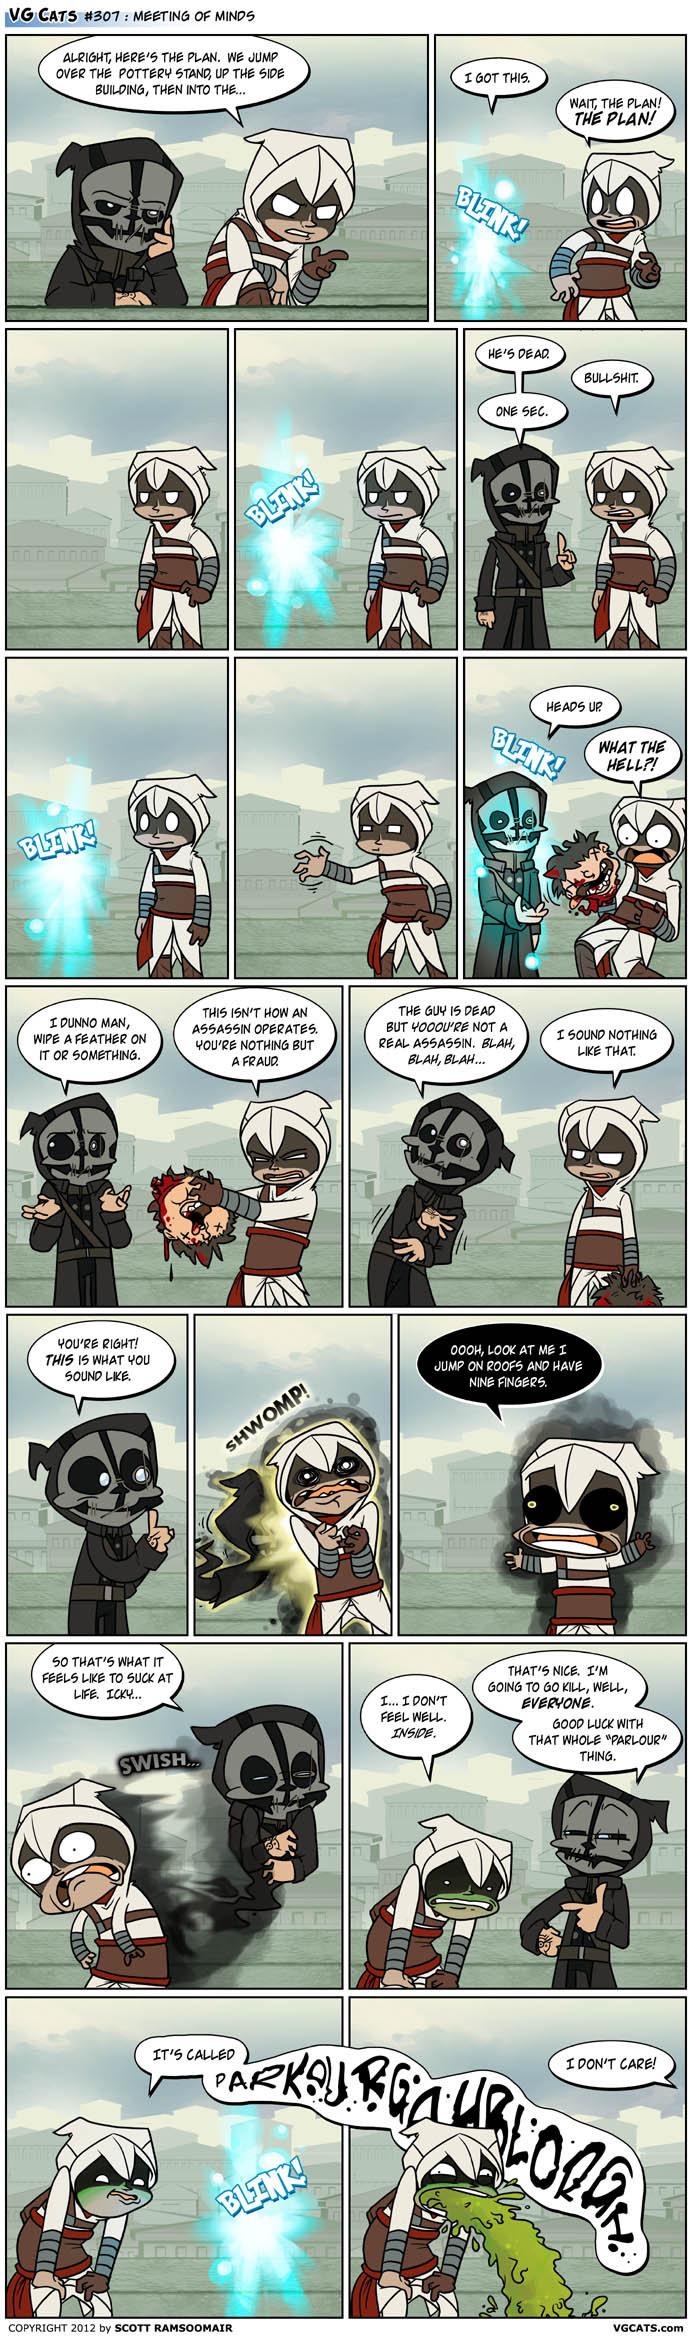 Dishonored Assassin. Source: VG Cats - www.vgcats.com/.. assassins are still badass.. badassassins